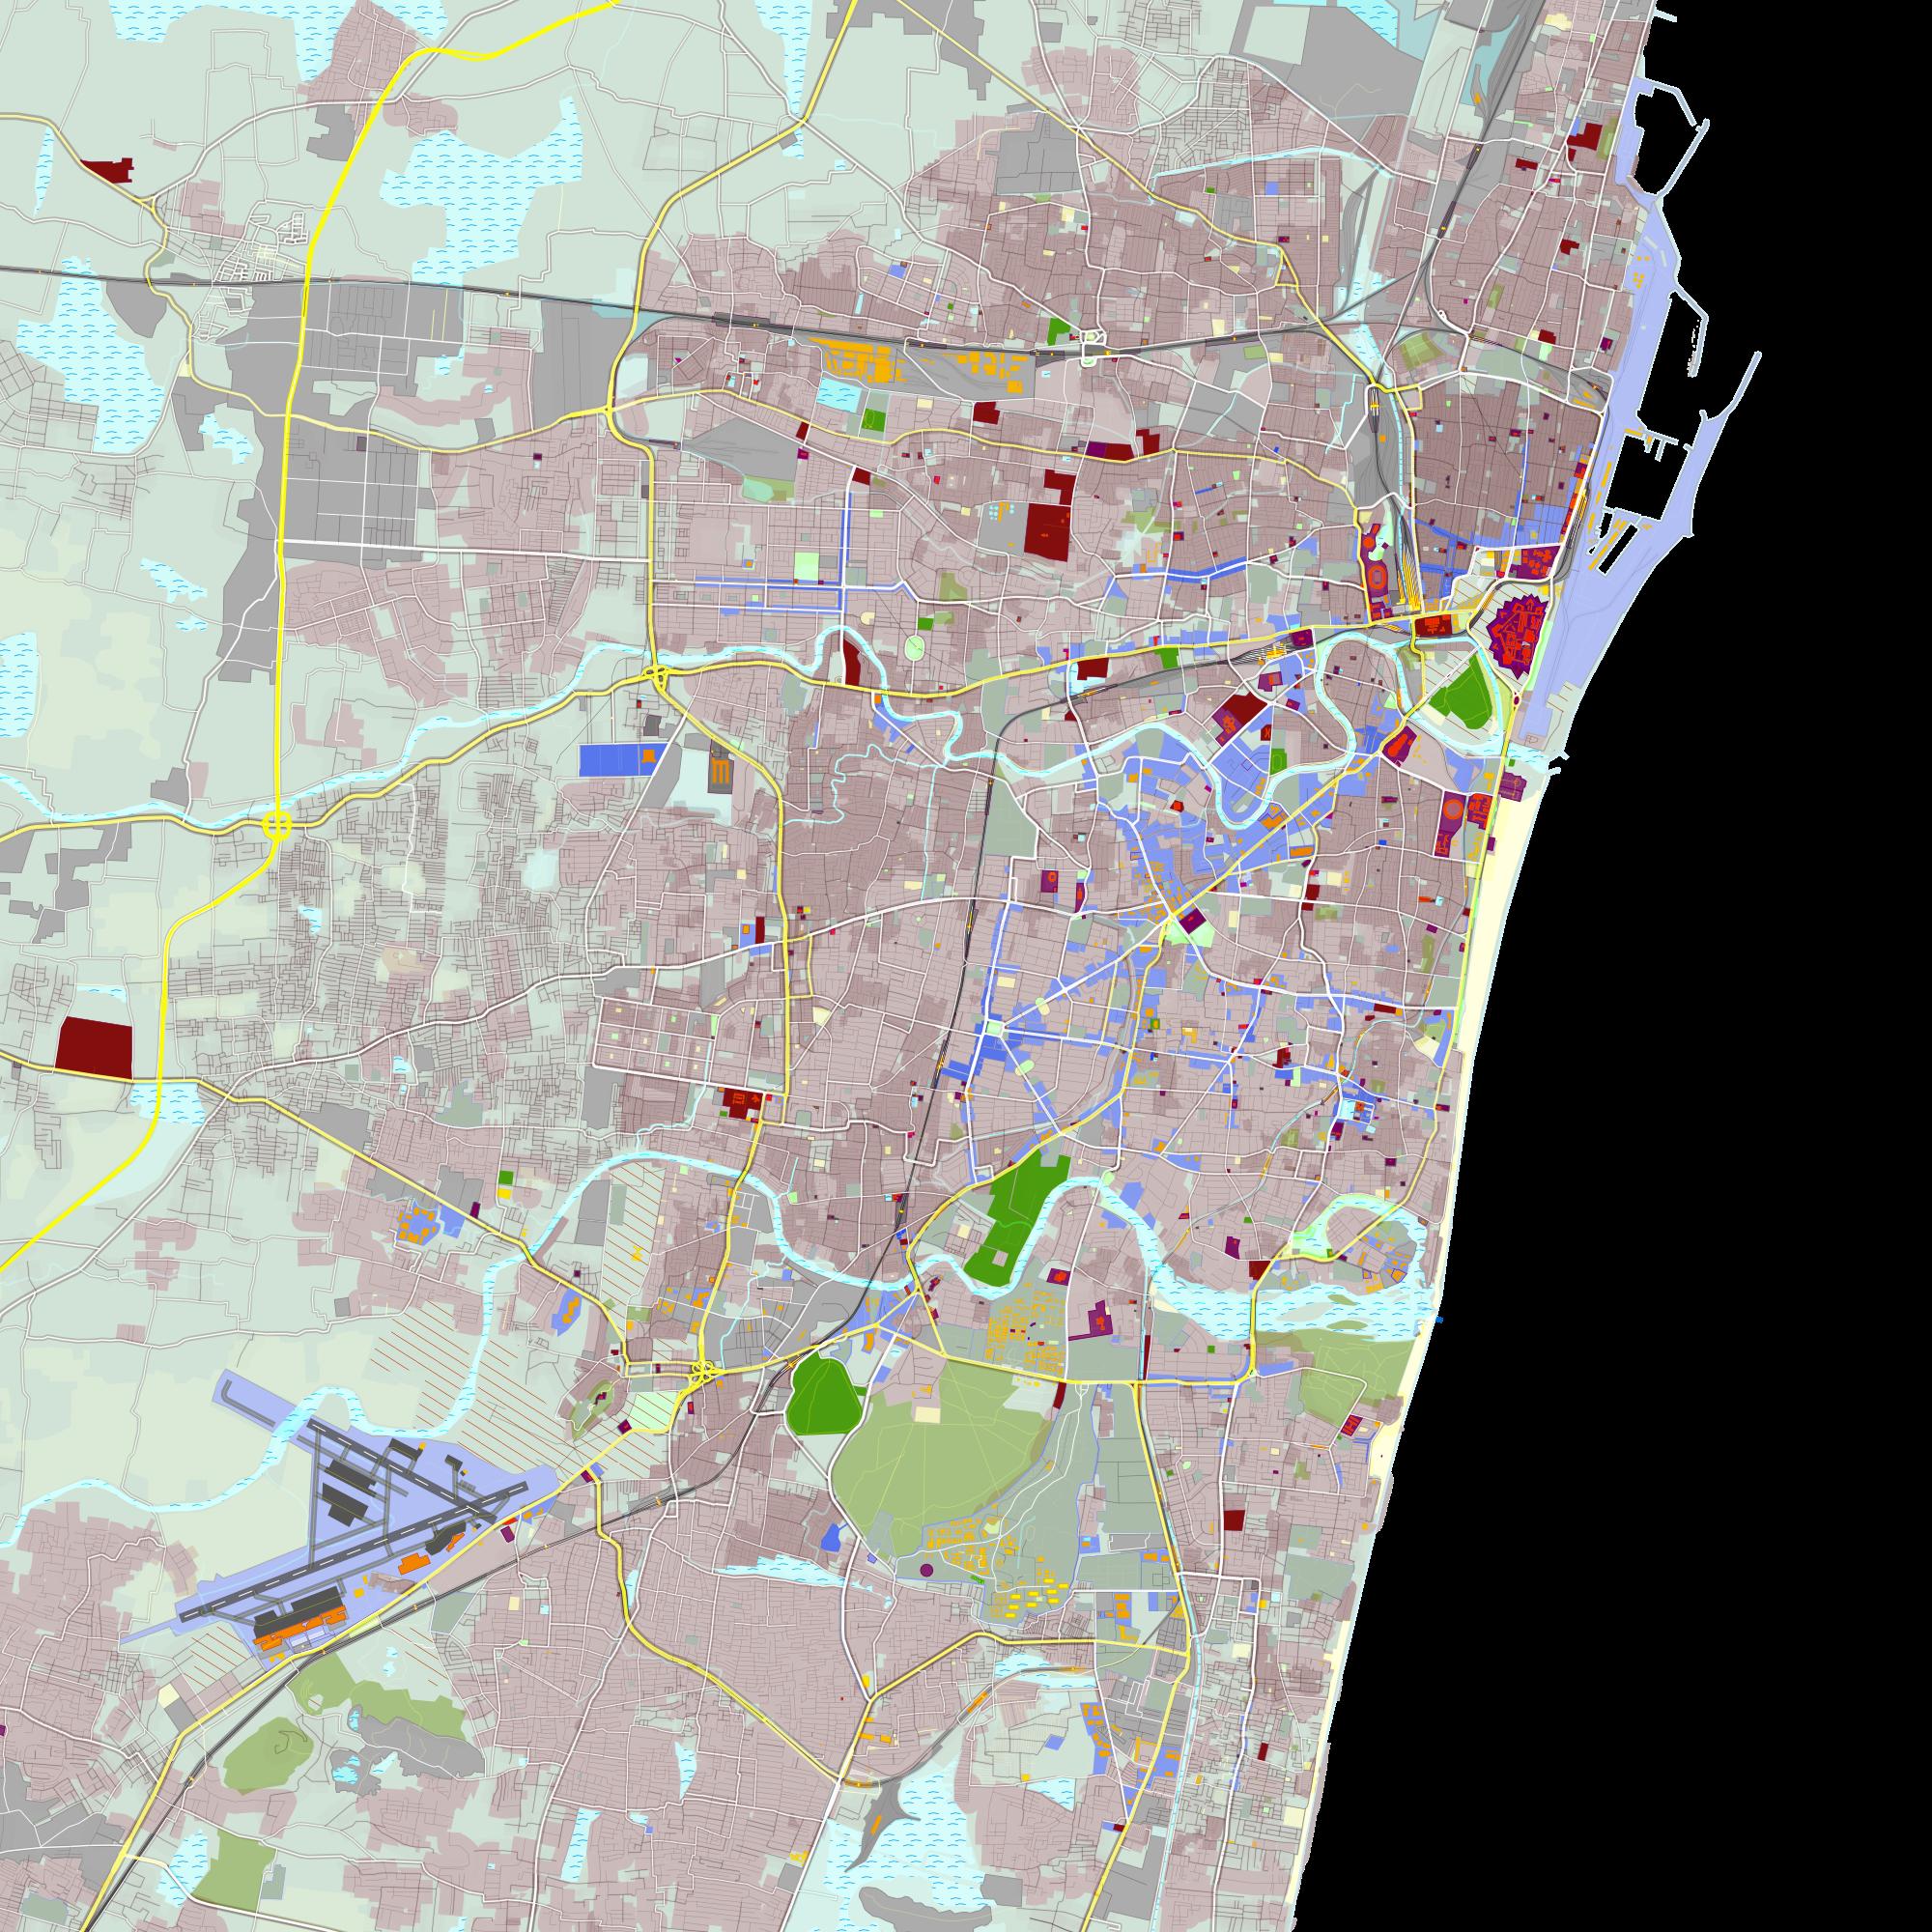 FileChennai Urban Area Mappng Wikimedia Commons